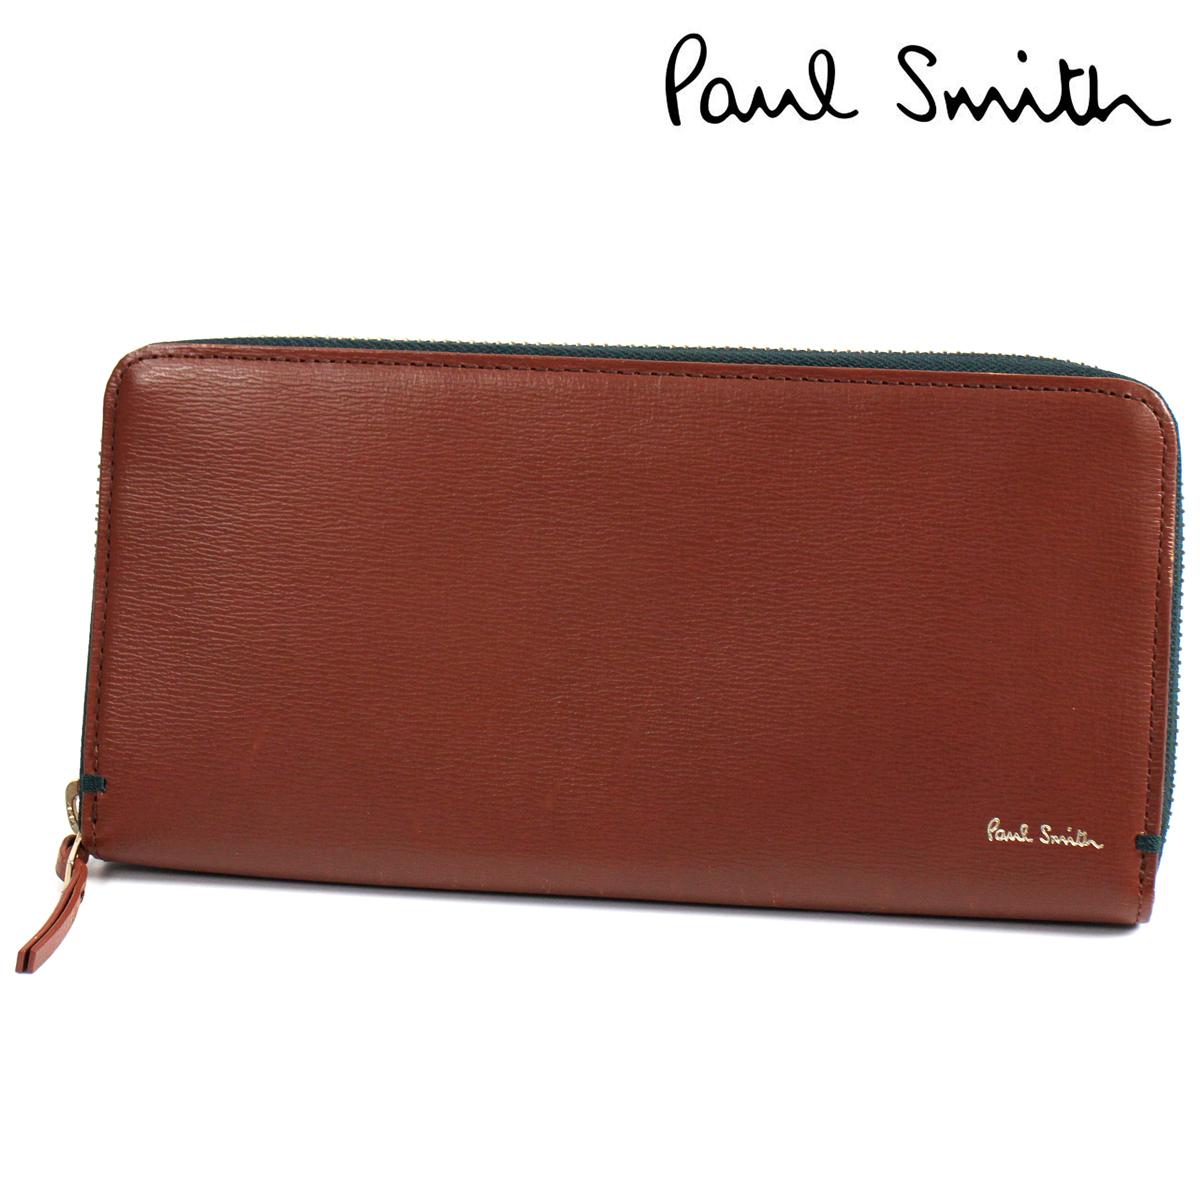 新品 ポールスミス 財布 長財布 メンズ ラウンドファスナー Paul Smith カラーコンビパルメラート ウォレット メンズ 紳士 訳あり ◆PSK25A